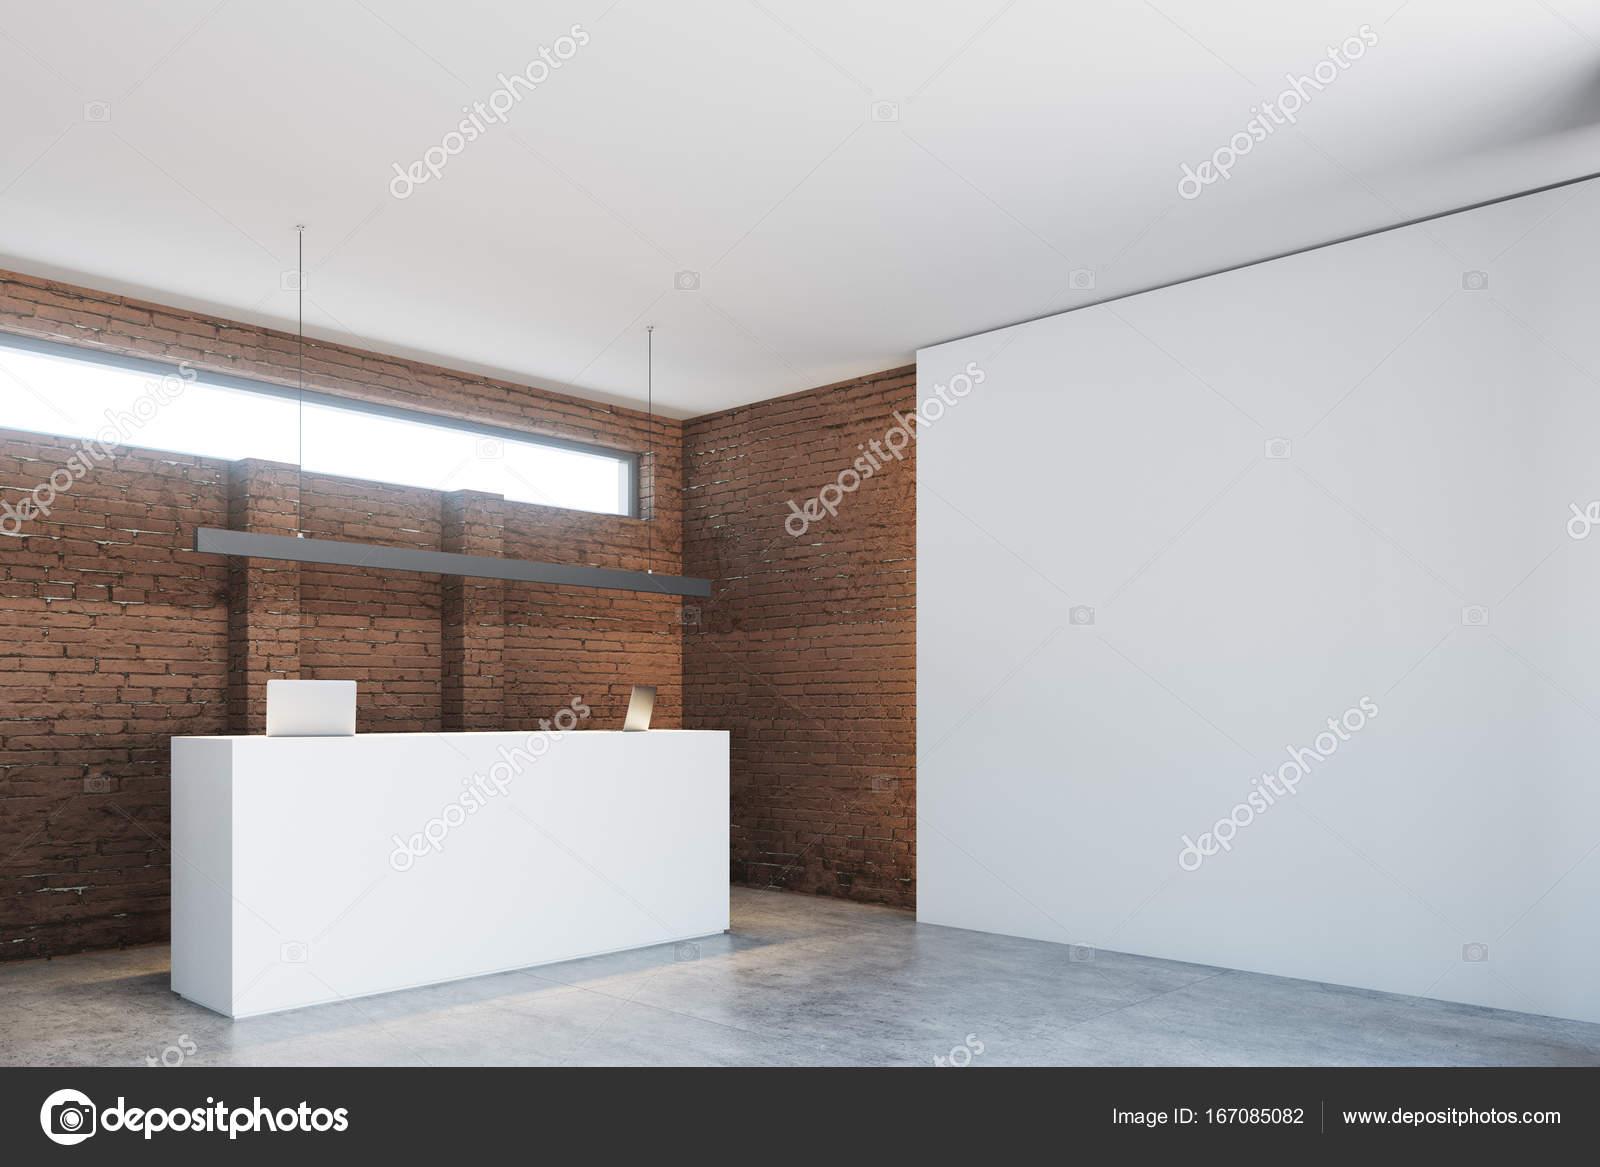 Reception Ufficio Bianco : Lato di banco della reception ufficio bianco del muro di mattoni